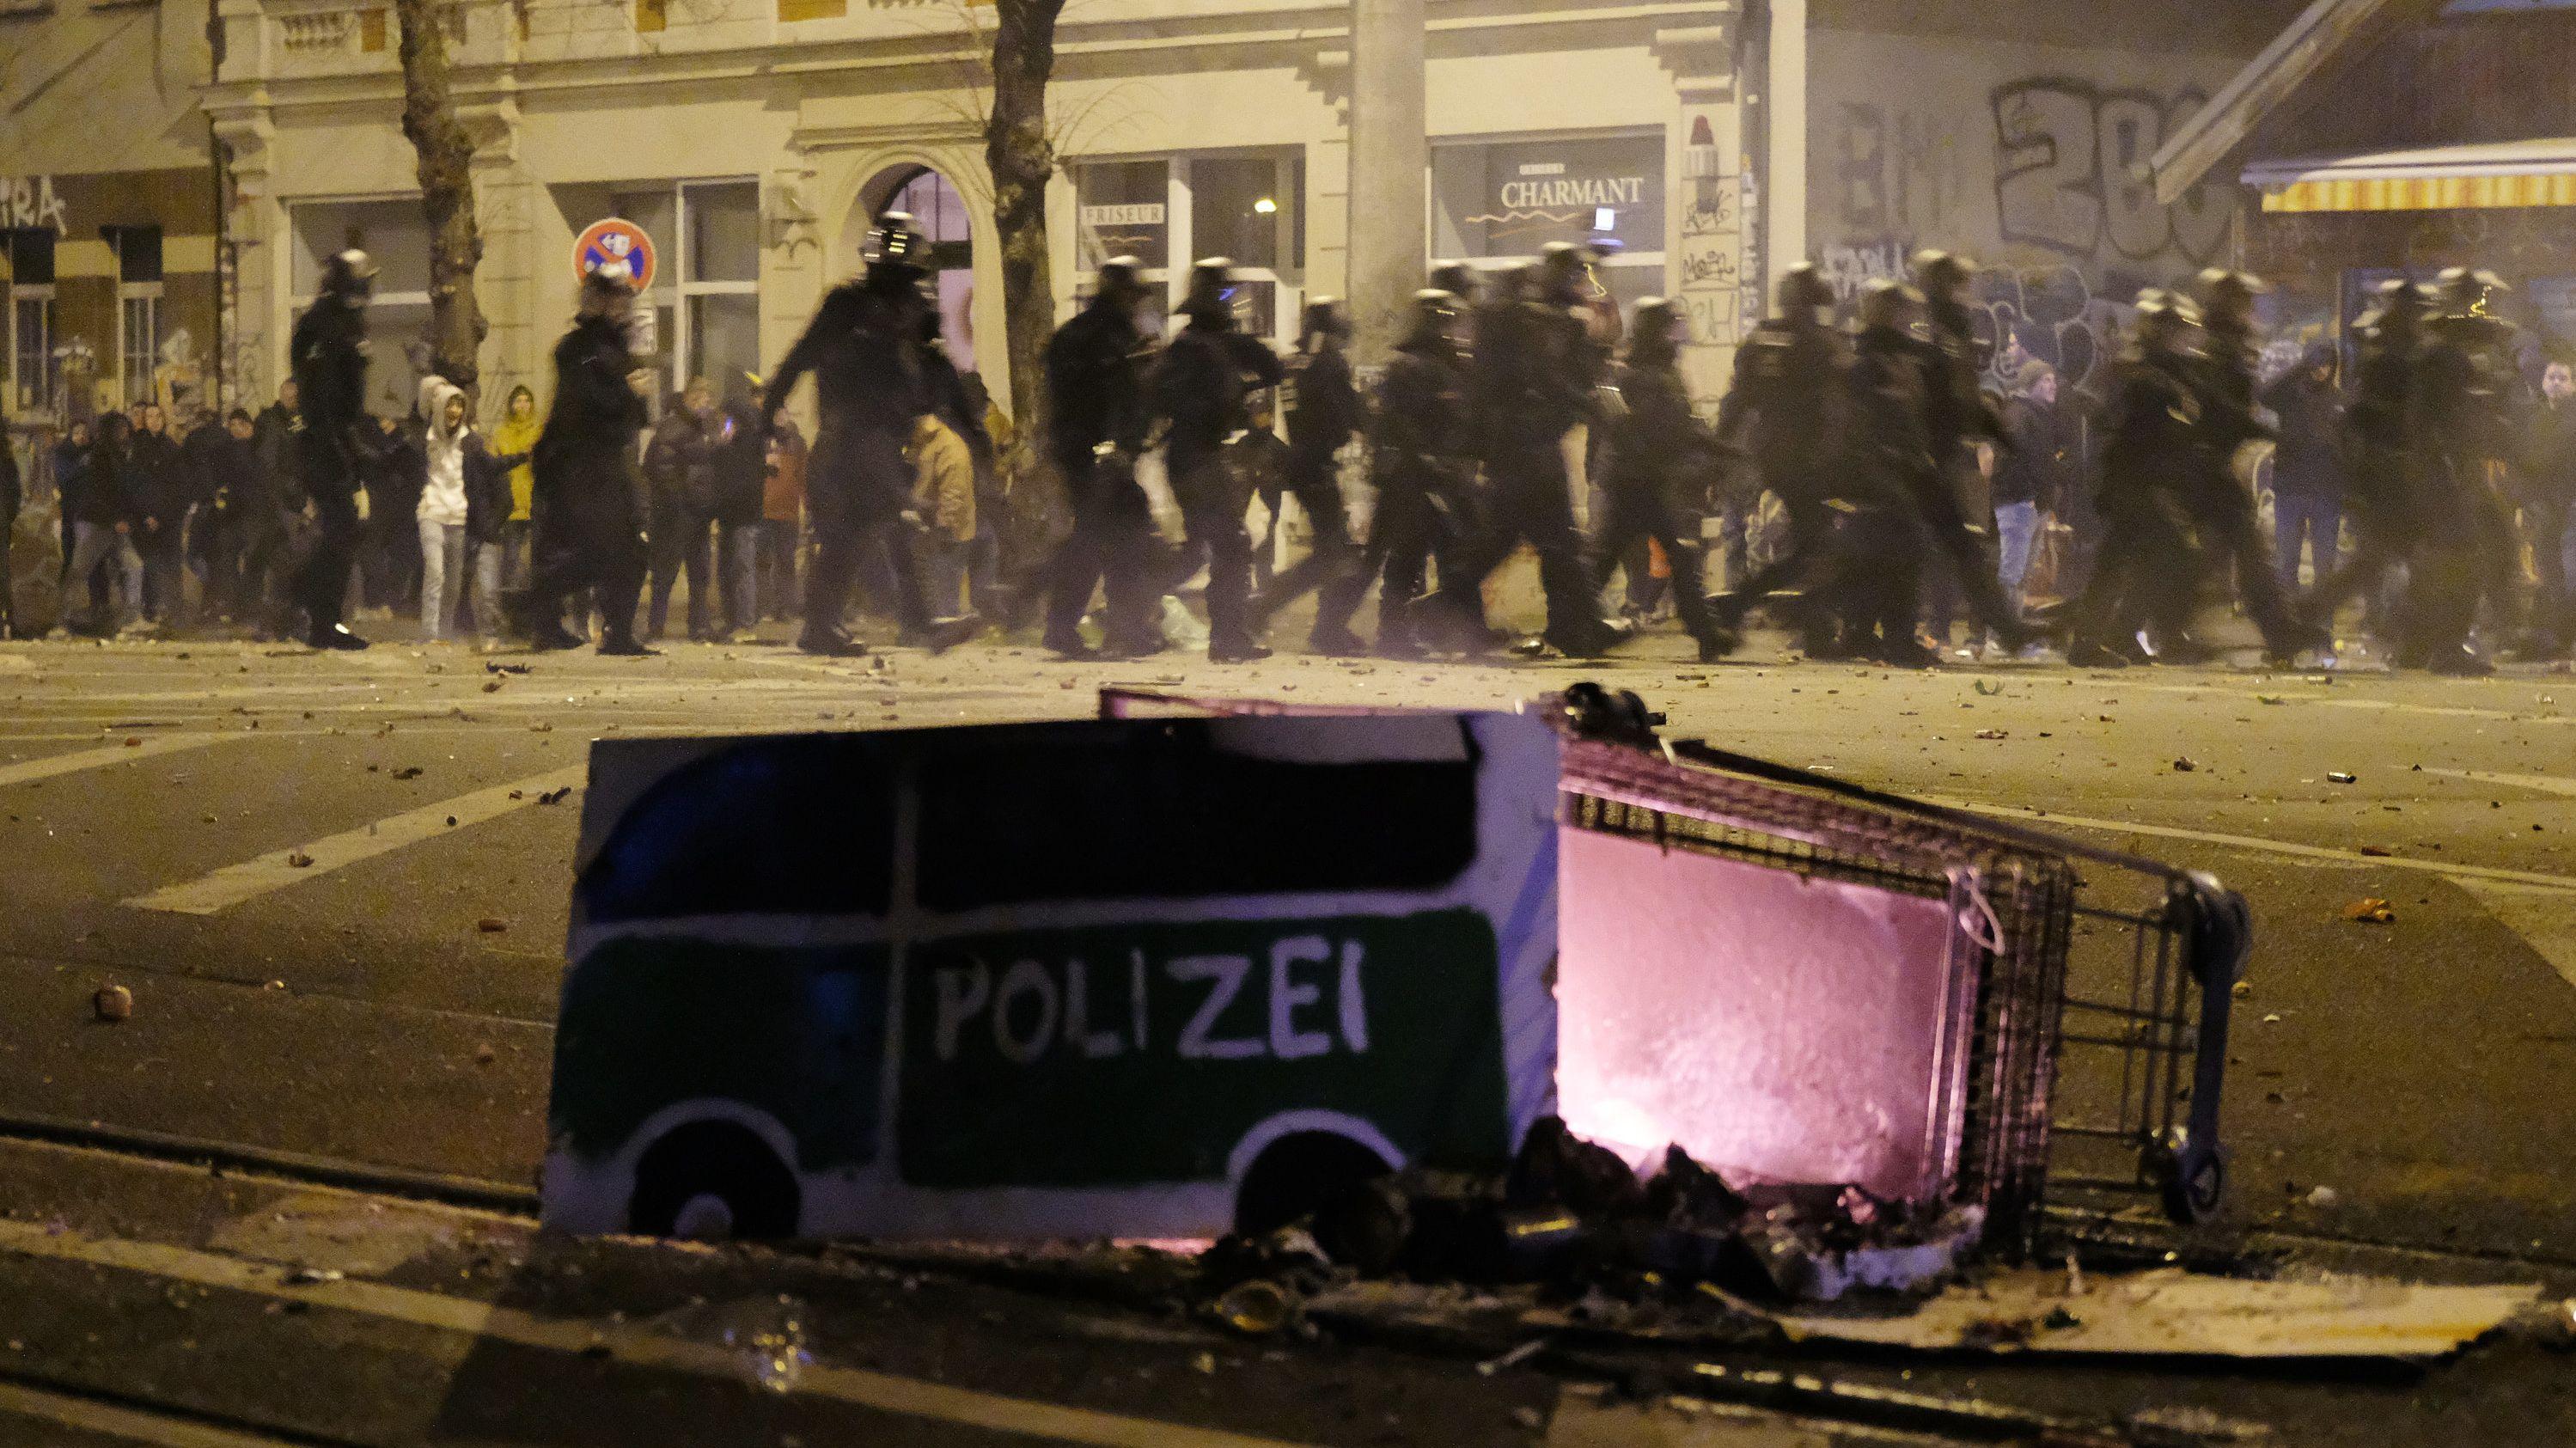 Polizisten räumen eine Kreuzung im Stadtteil Connewitz, während im Vordergrund ein Einkaufswagen liegt.